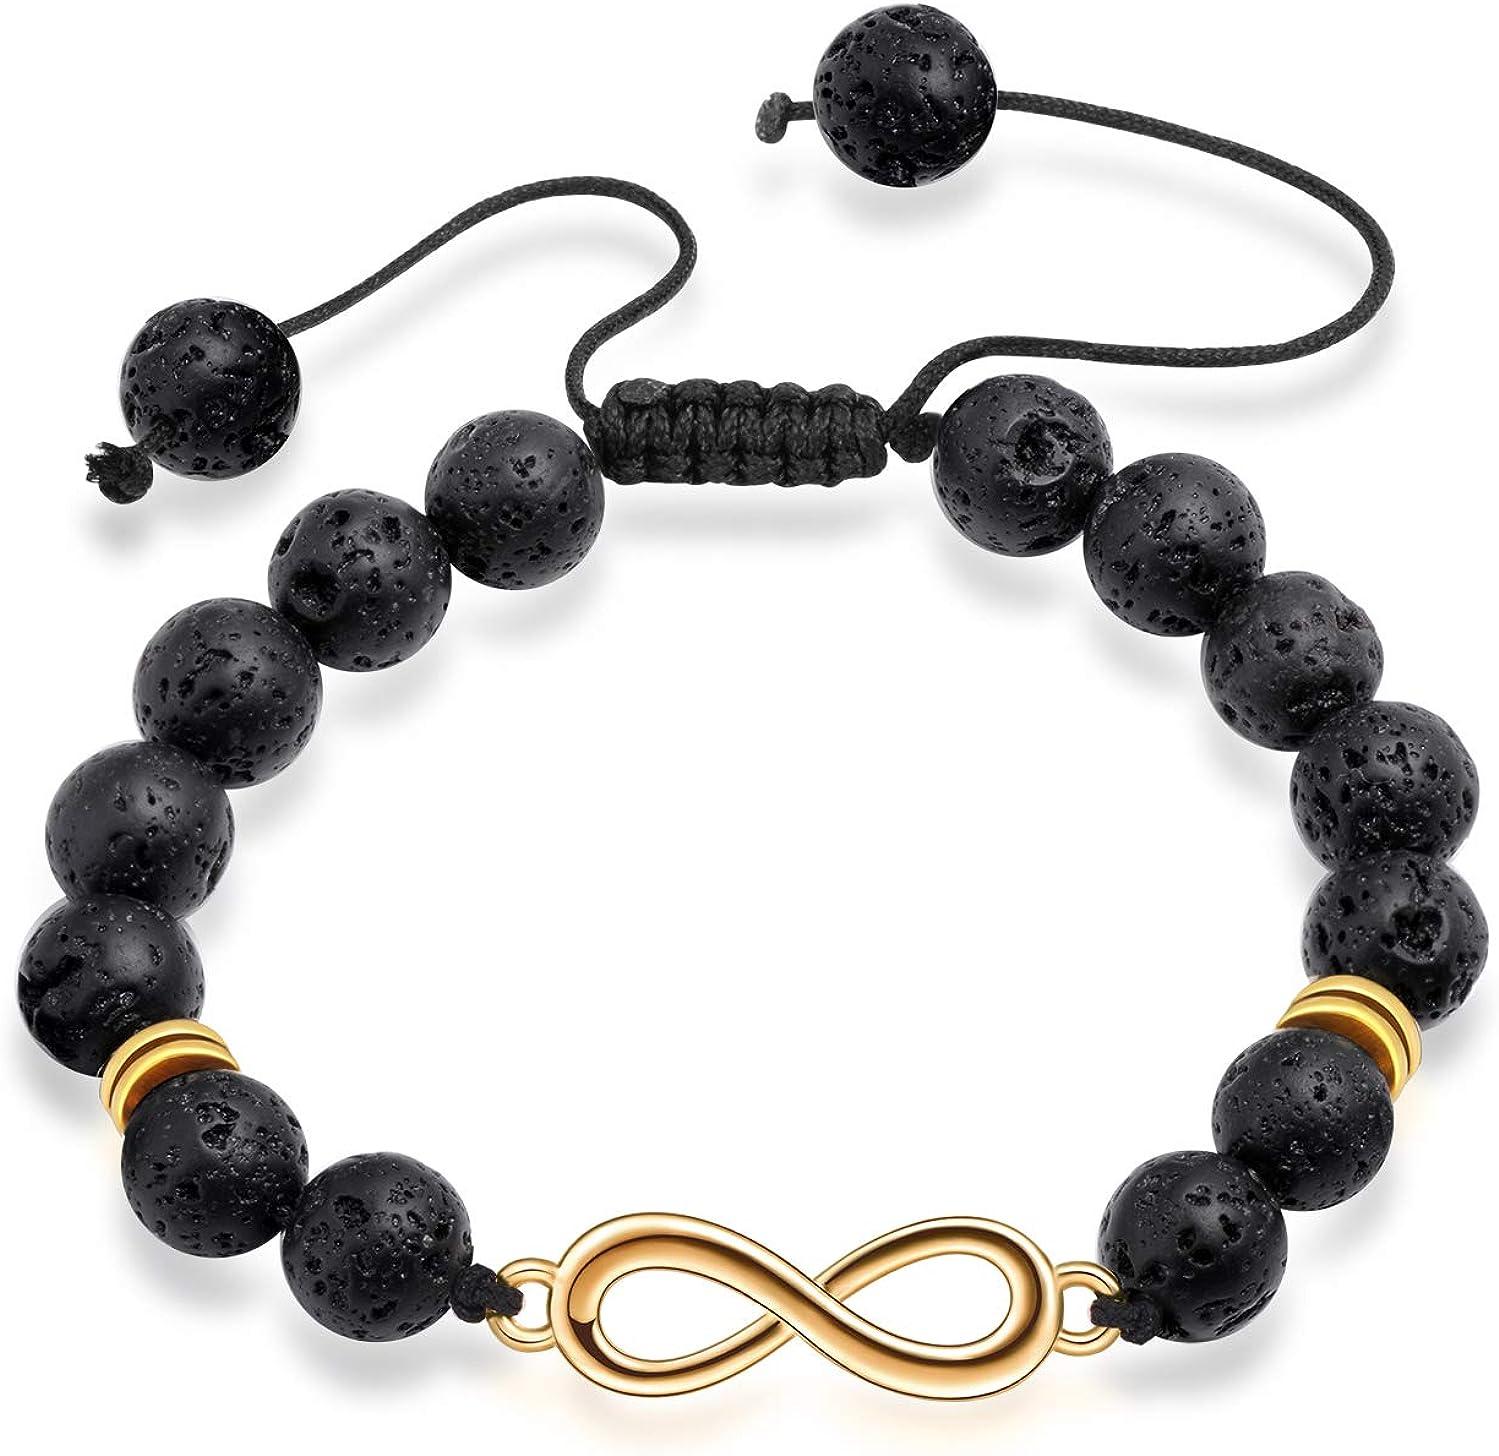 Bracelet en Alliage avec Symbole Infini INFINIONLY Bracelet de la Mode en Perles de Pierre volcanique pour Hommes Cadeau de No/ël ou danniversaire Cha/îne r/églable 18-20cm